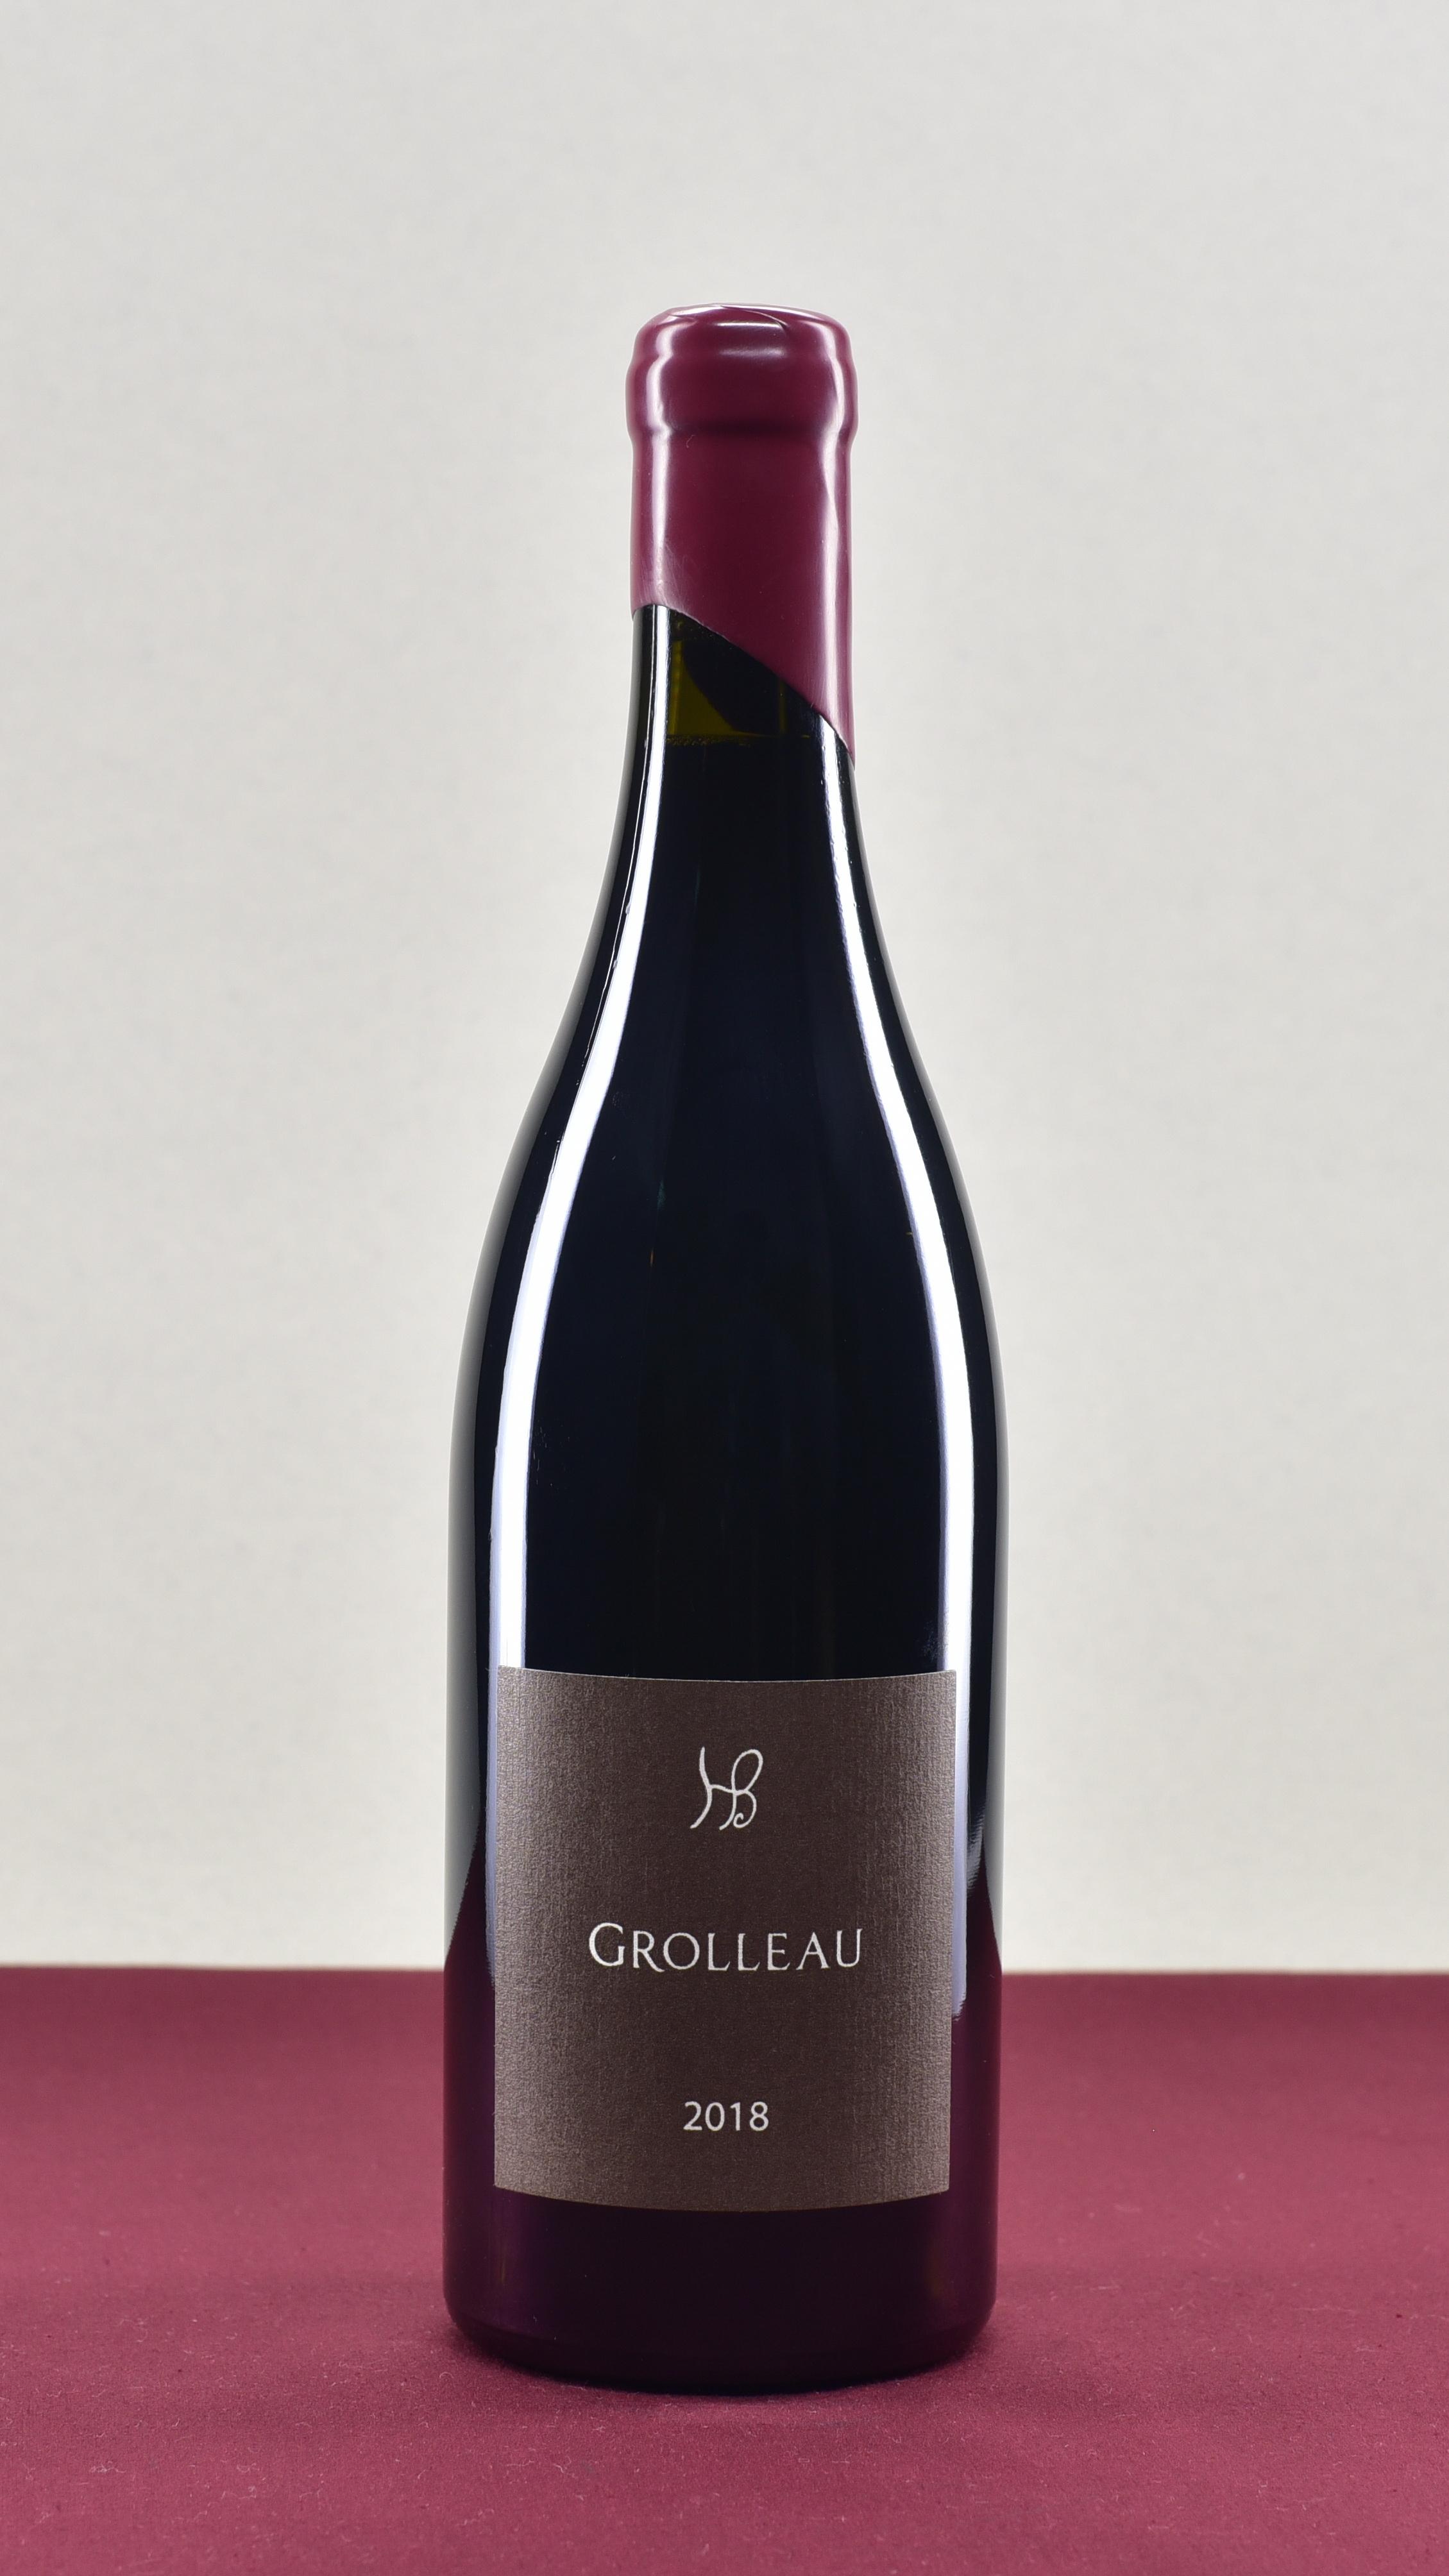 GROLLEAU - Domaine Hauts Baigneux | Philippe Mesnier & Nicolas GrosboisGrolleauVin de France | 2018